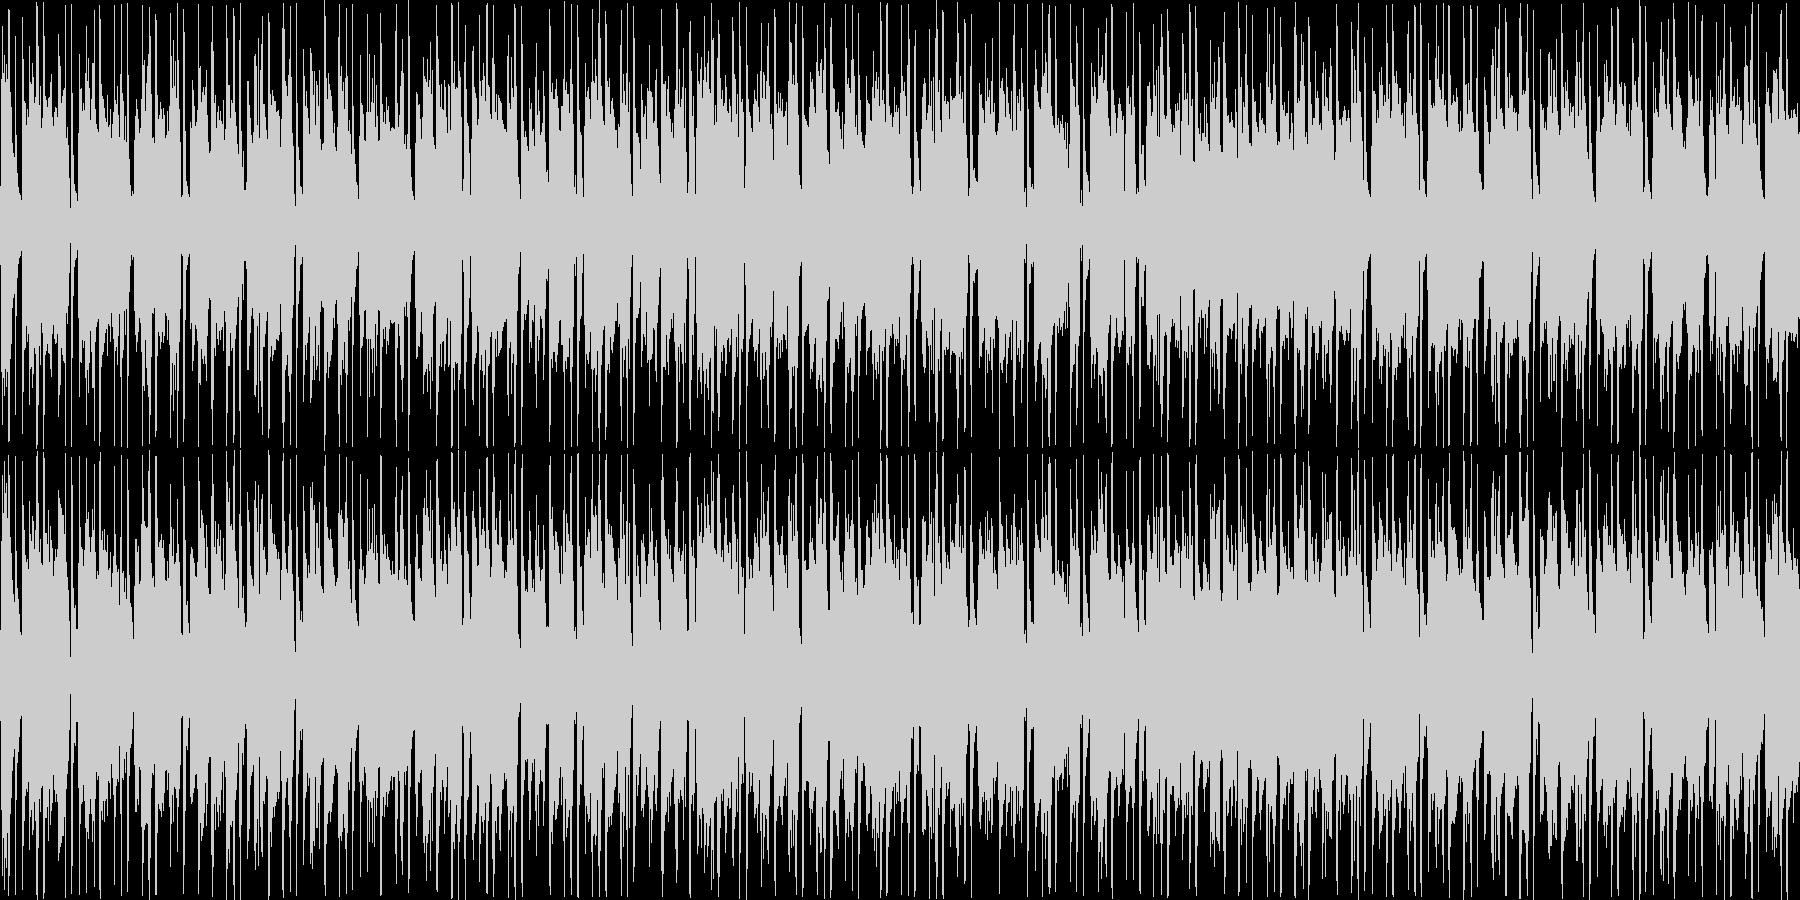 ほのぼの、コミカルなBGMです。の未再生の波形